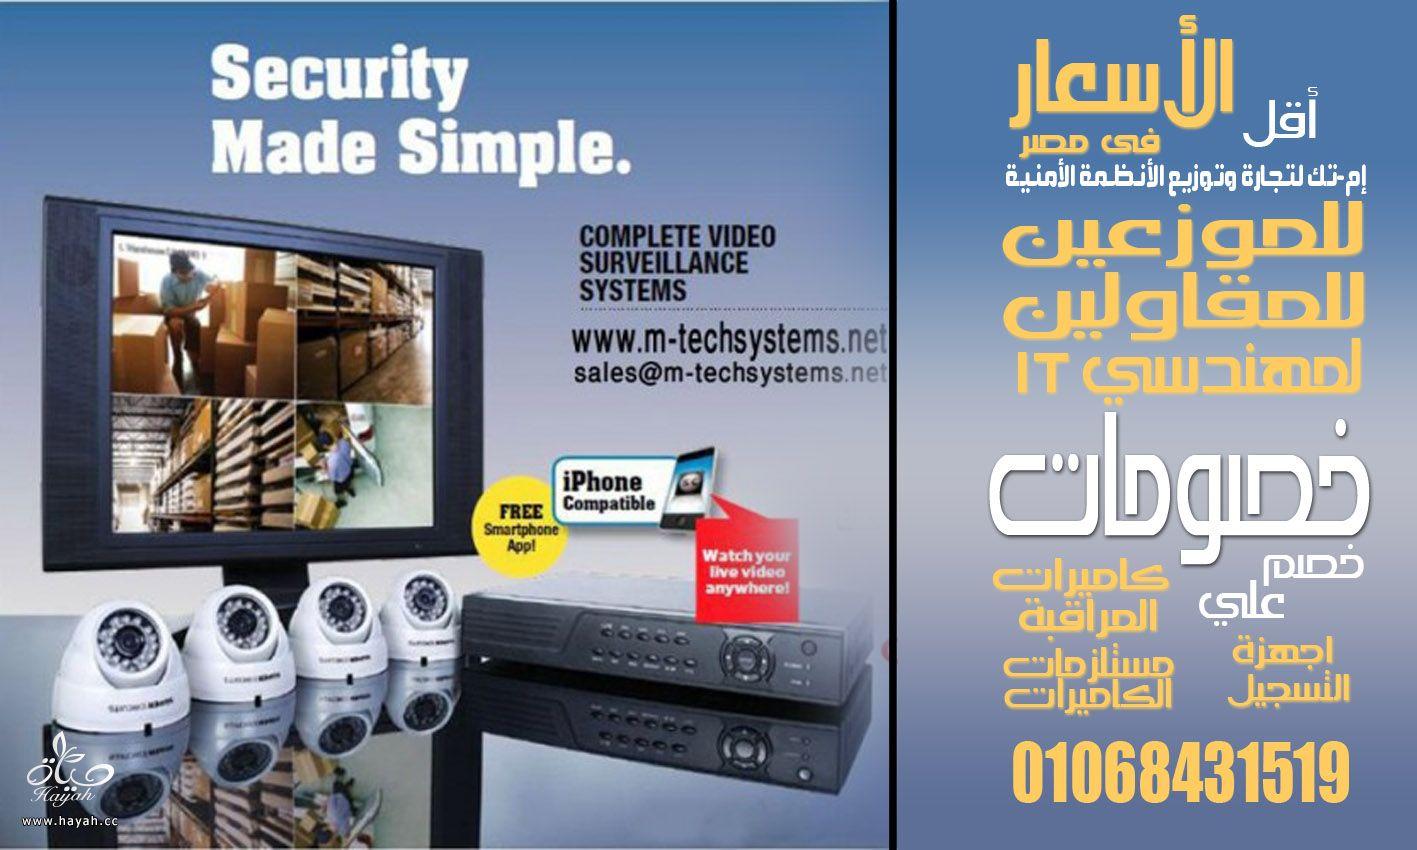 انواع كاميرات المراقبة وبأقل الأسعار فى مصر hayahcc_1383472383_262.jpg